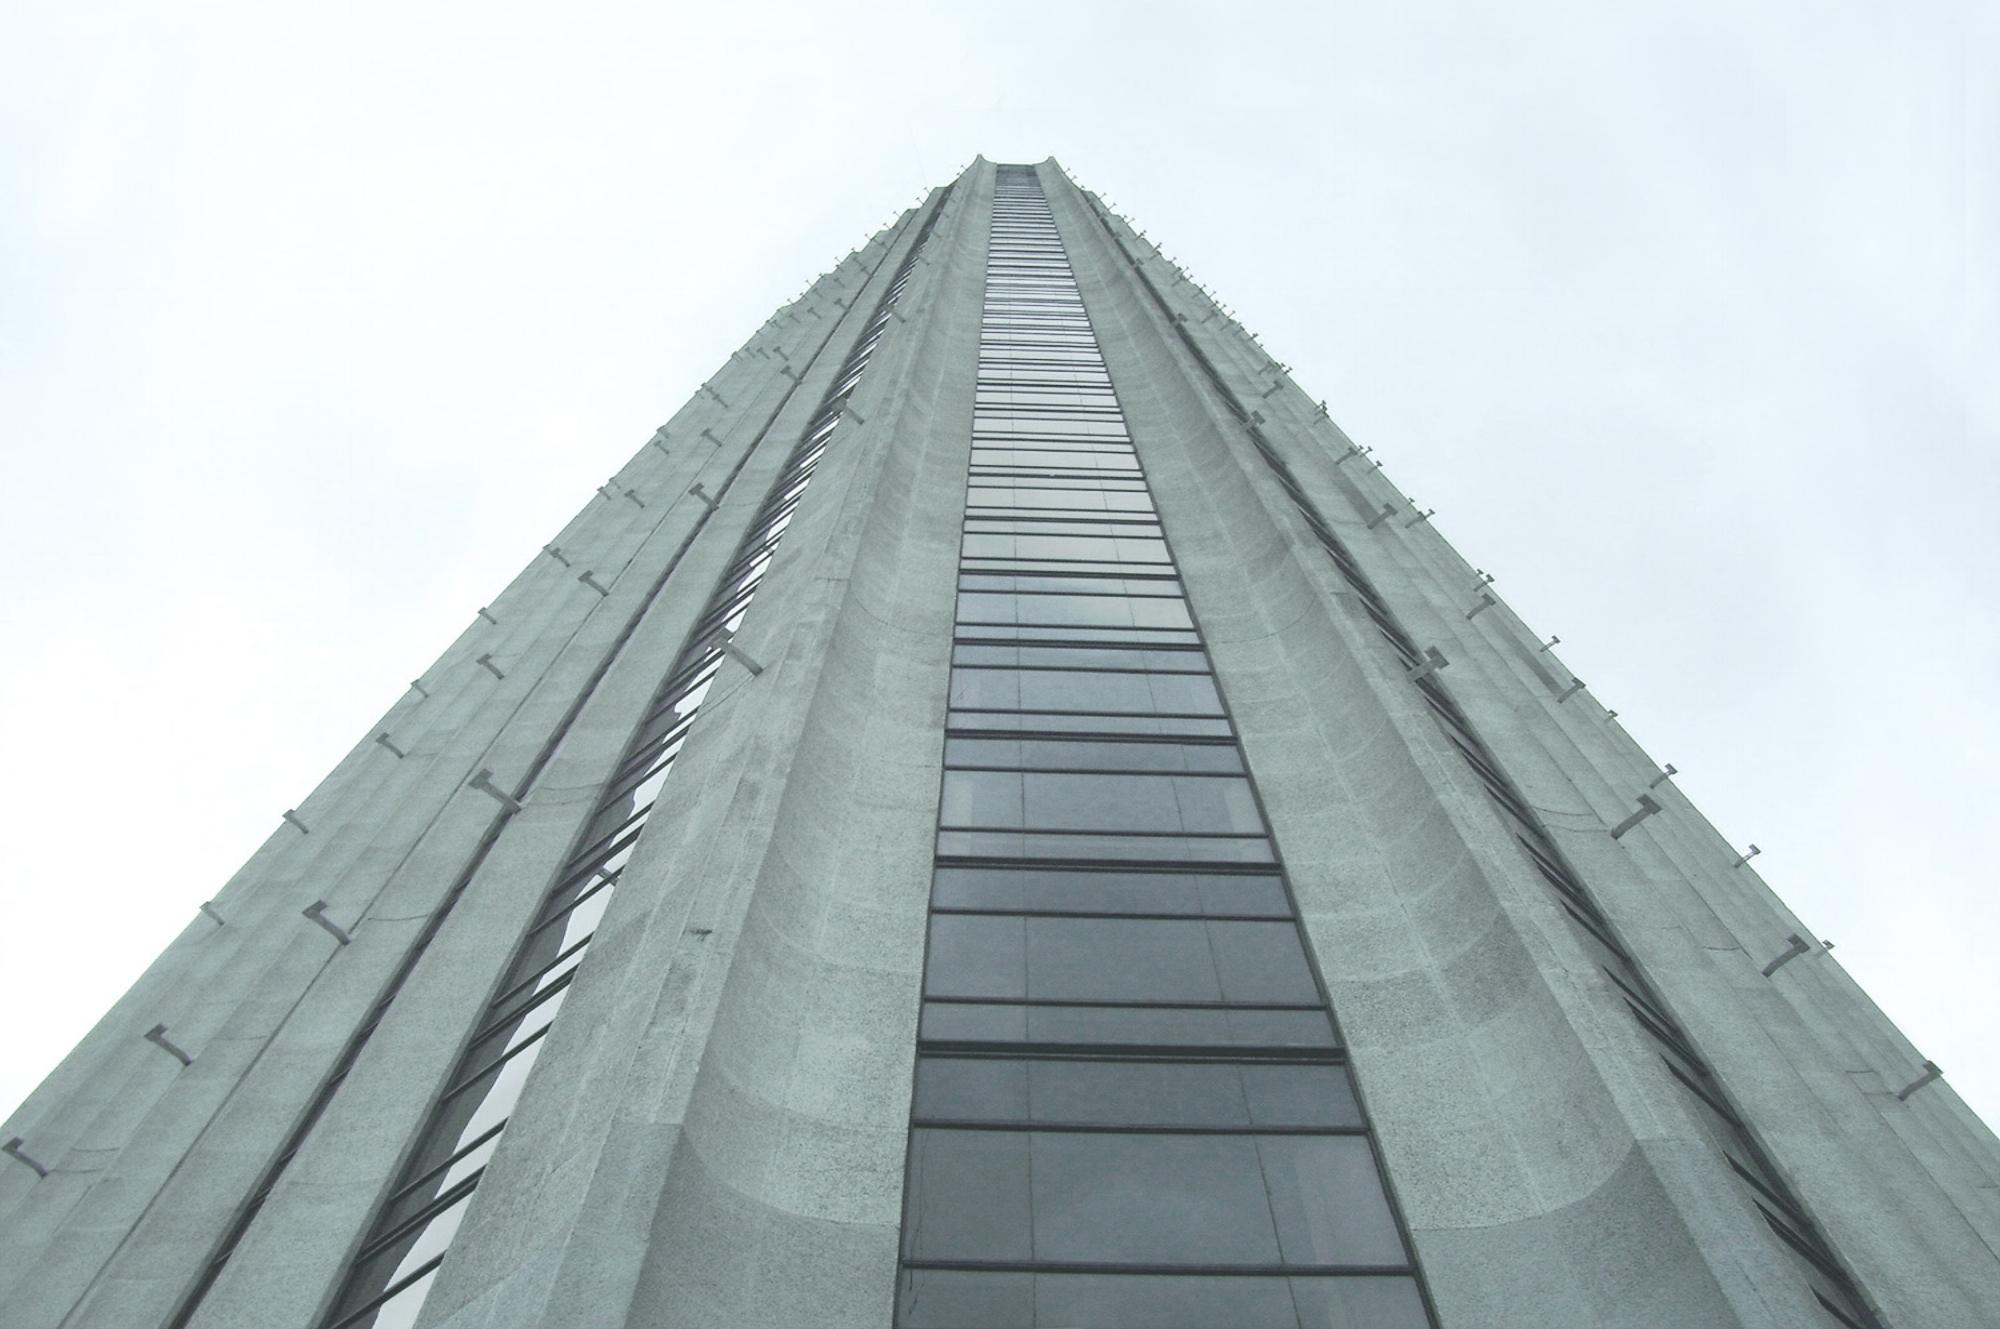 ....Bogota..Bogotá..Bogotá..БОГОТА.... - Calle 69 Nº 4-48 oficina 202 Edificio Büro 69BogotáT. (+57-1) 390 55 95